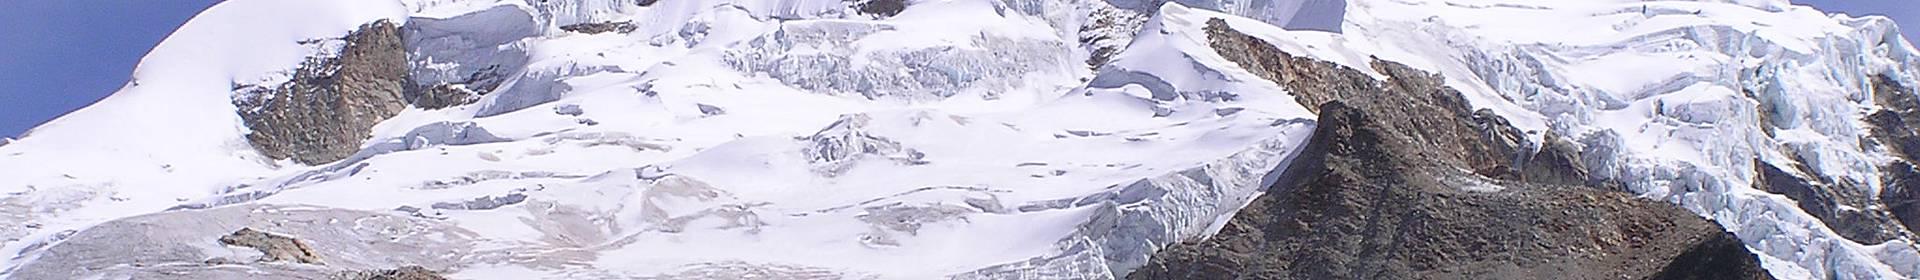 Glacier Kunu Pampa